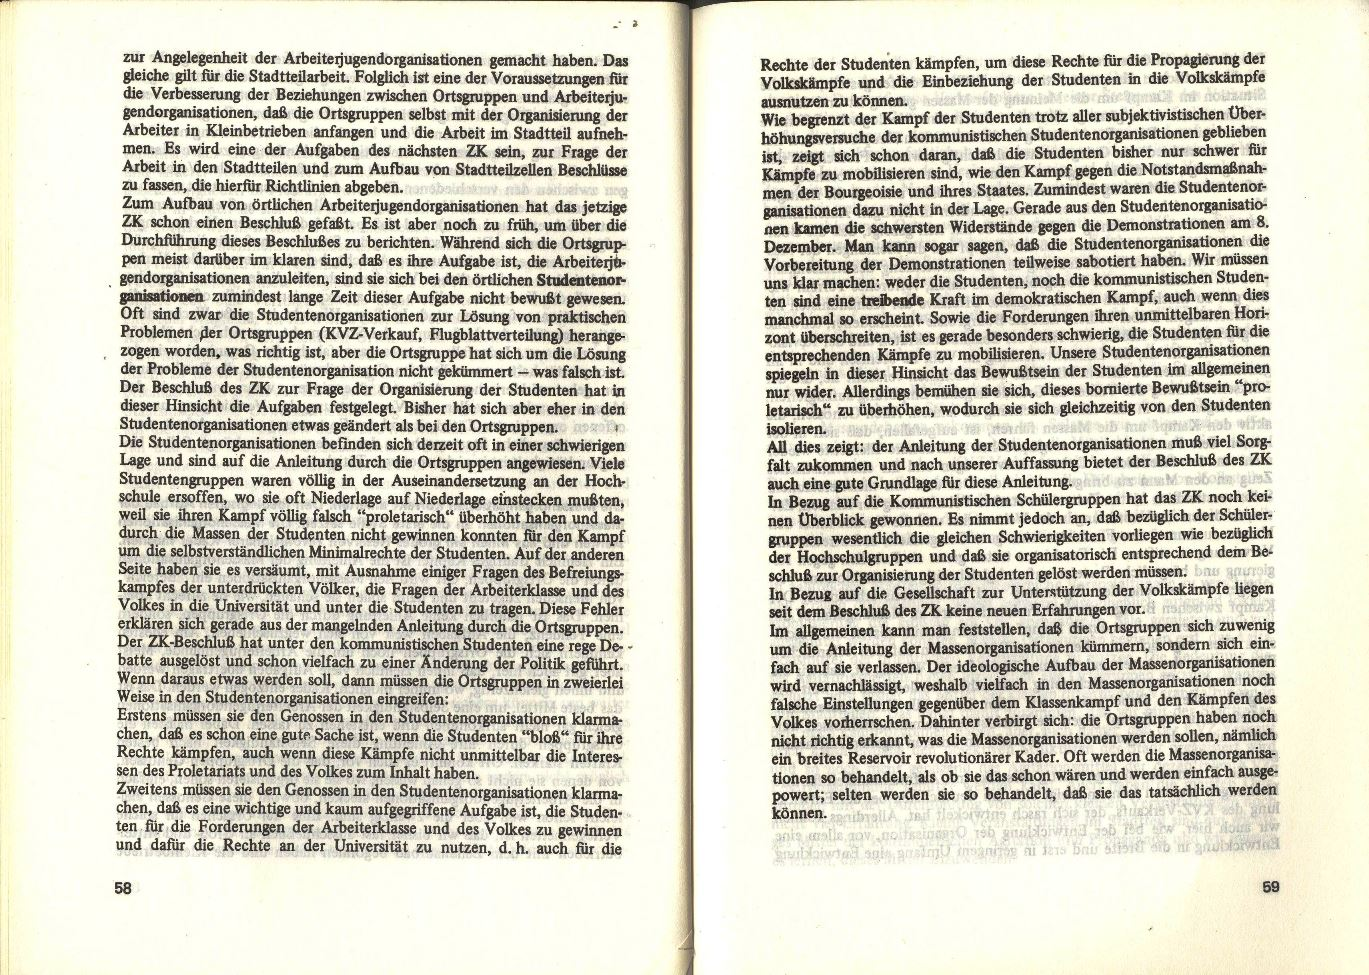 KBW_1974_Politischer_Bericht031